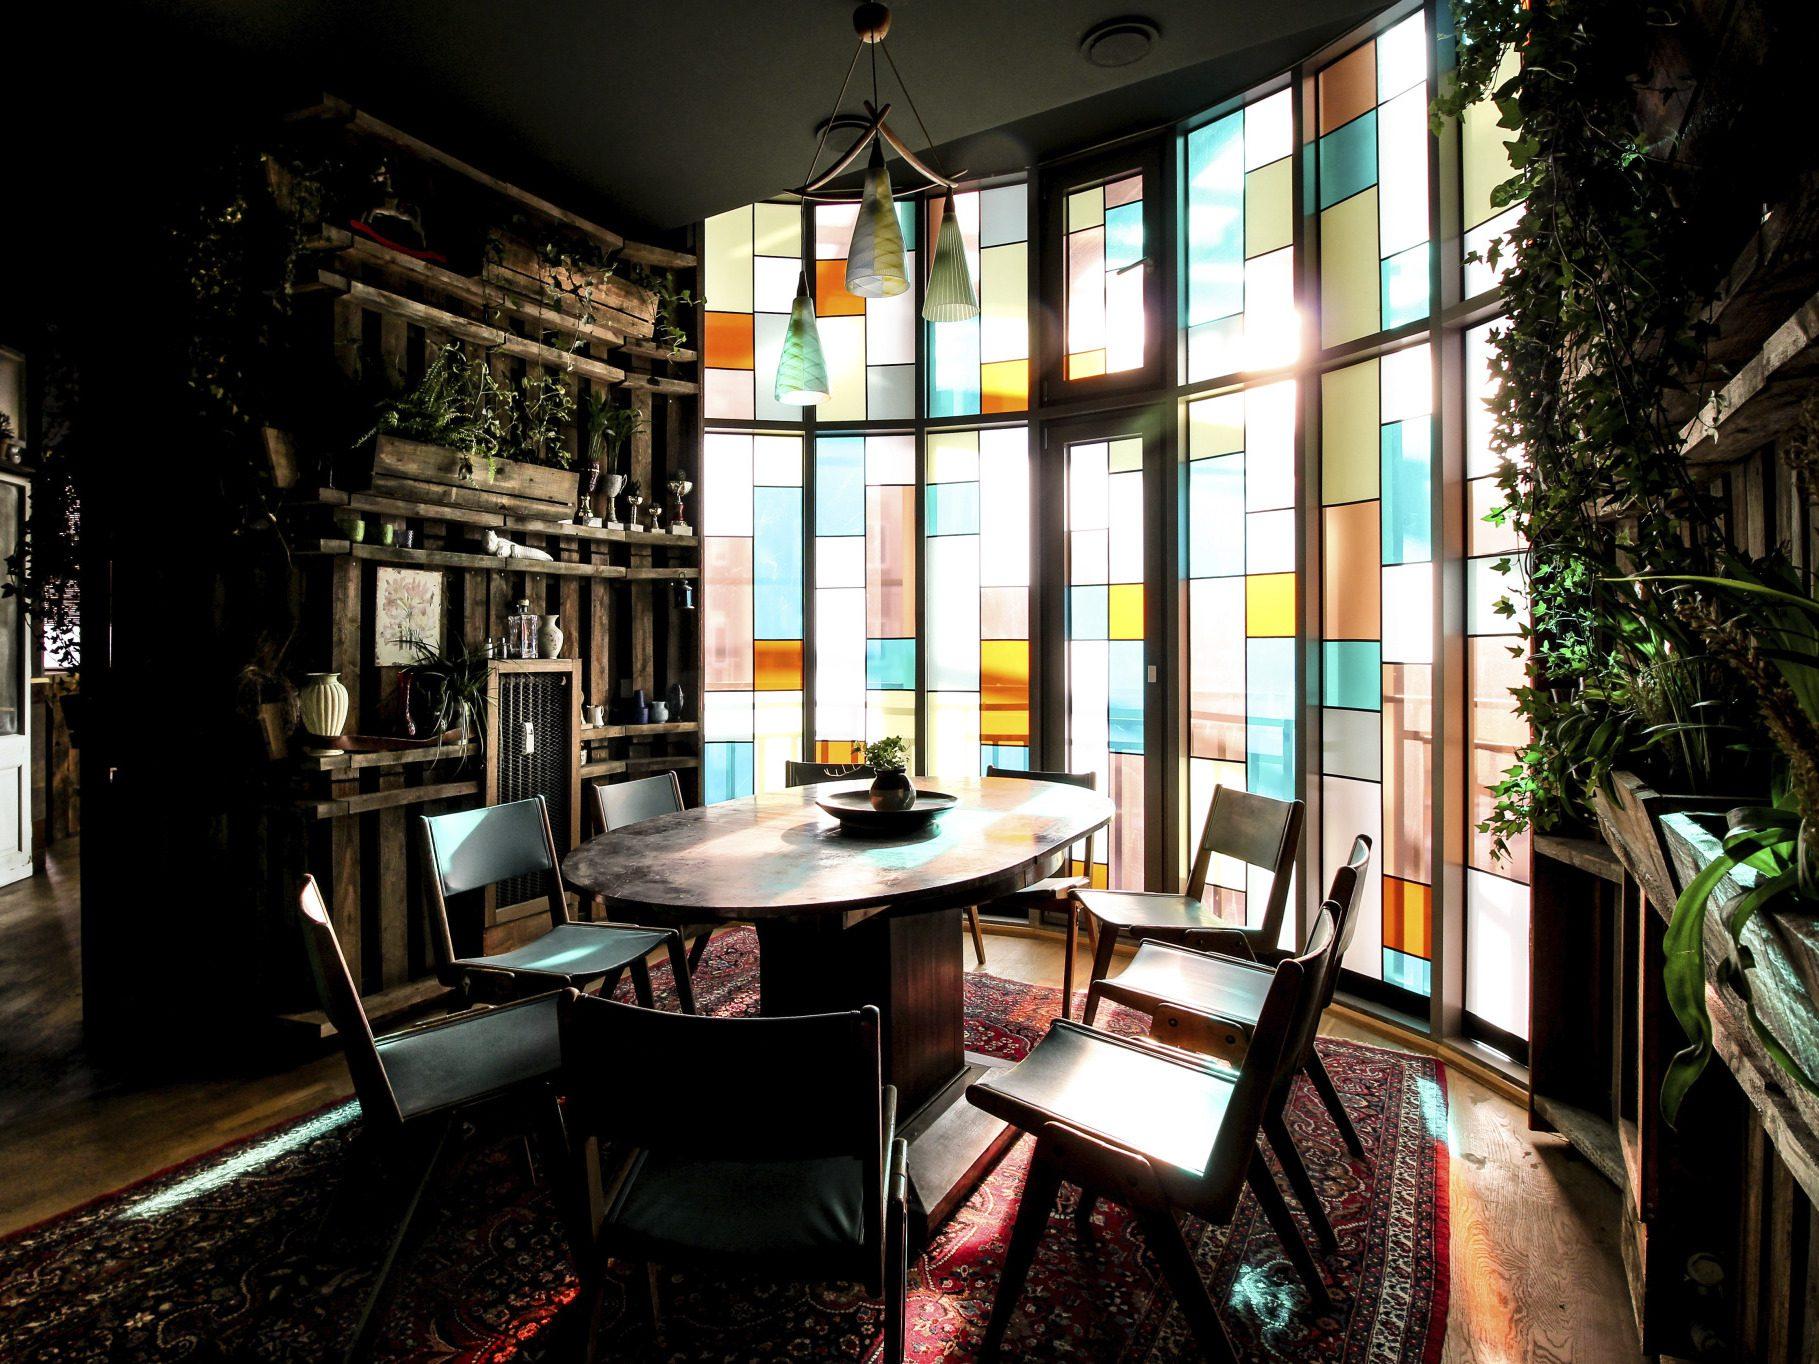 Im House of Small Wonder gibt es nicht nur Frühstück, Brunch und Pastries - das Restaurantim Gewächshausstil ist der ideale Ort zum Entschleunigen.